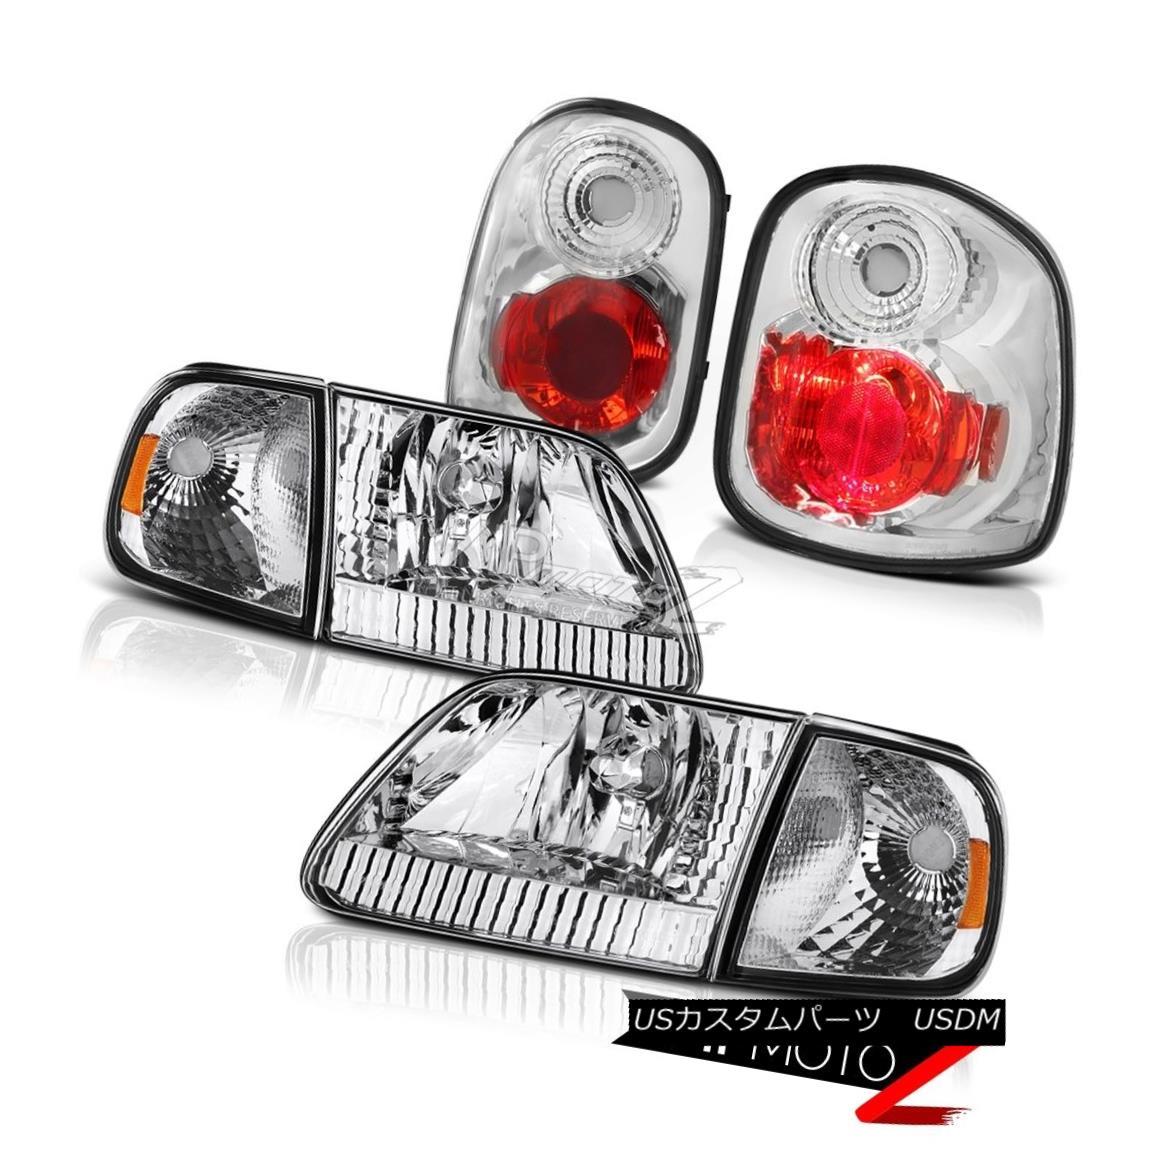 ヘッドライト Crystal Corner Headlights Chrome Brake Lamps 1997-2000 F150 Flareside Lightning クリスタルコーナーヘッドライトクロームブレーキランプ1997-2000 F150 Flareside Lightning